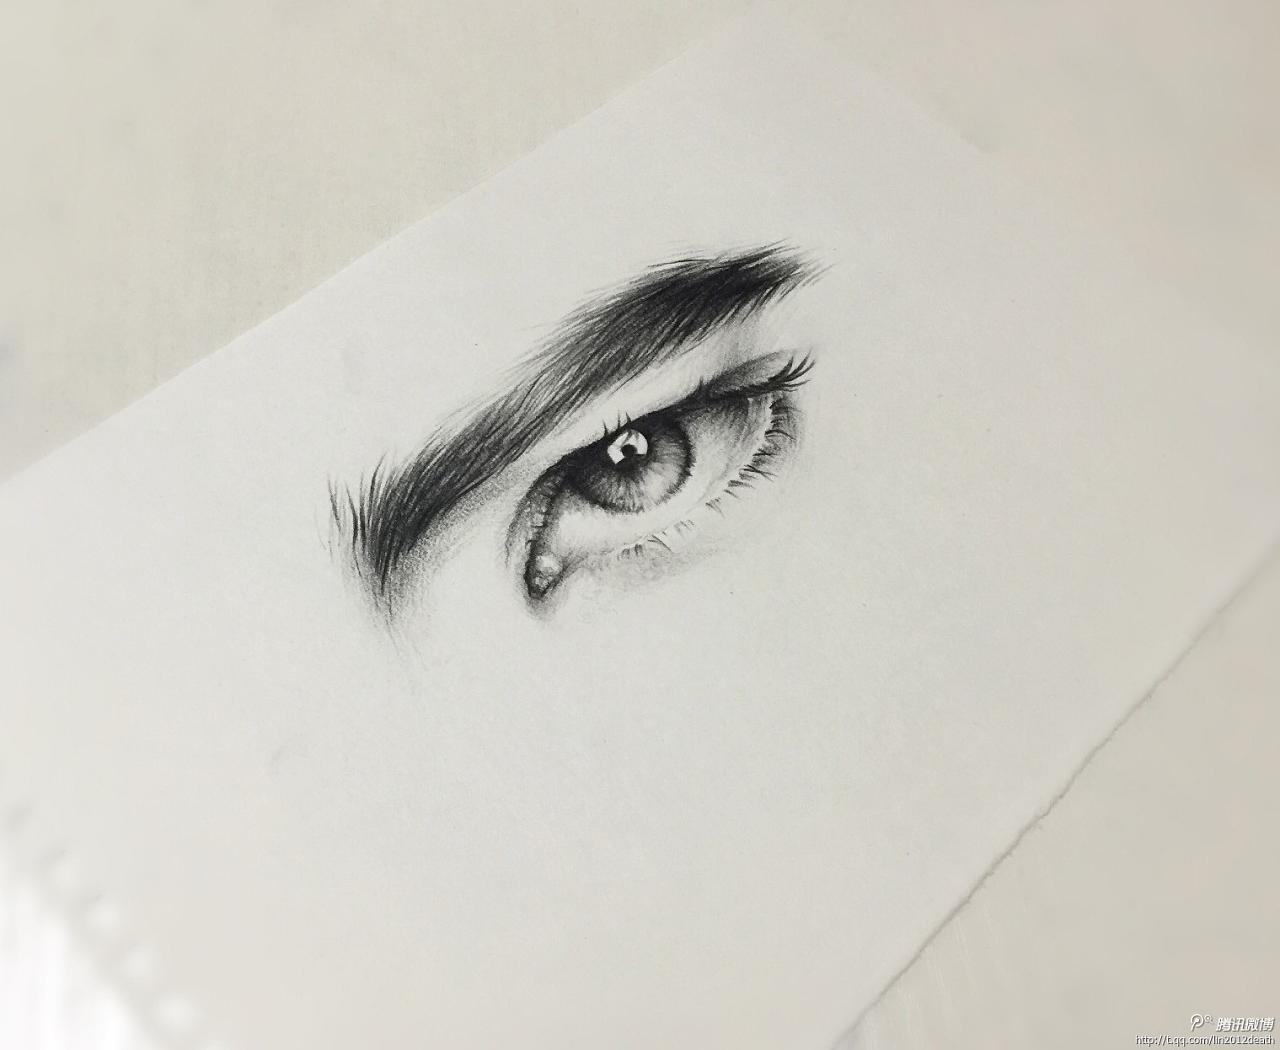 彩铅手绘眼睛-心灵的窗户